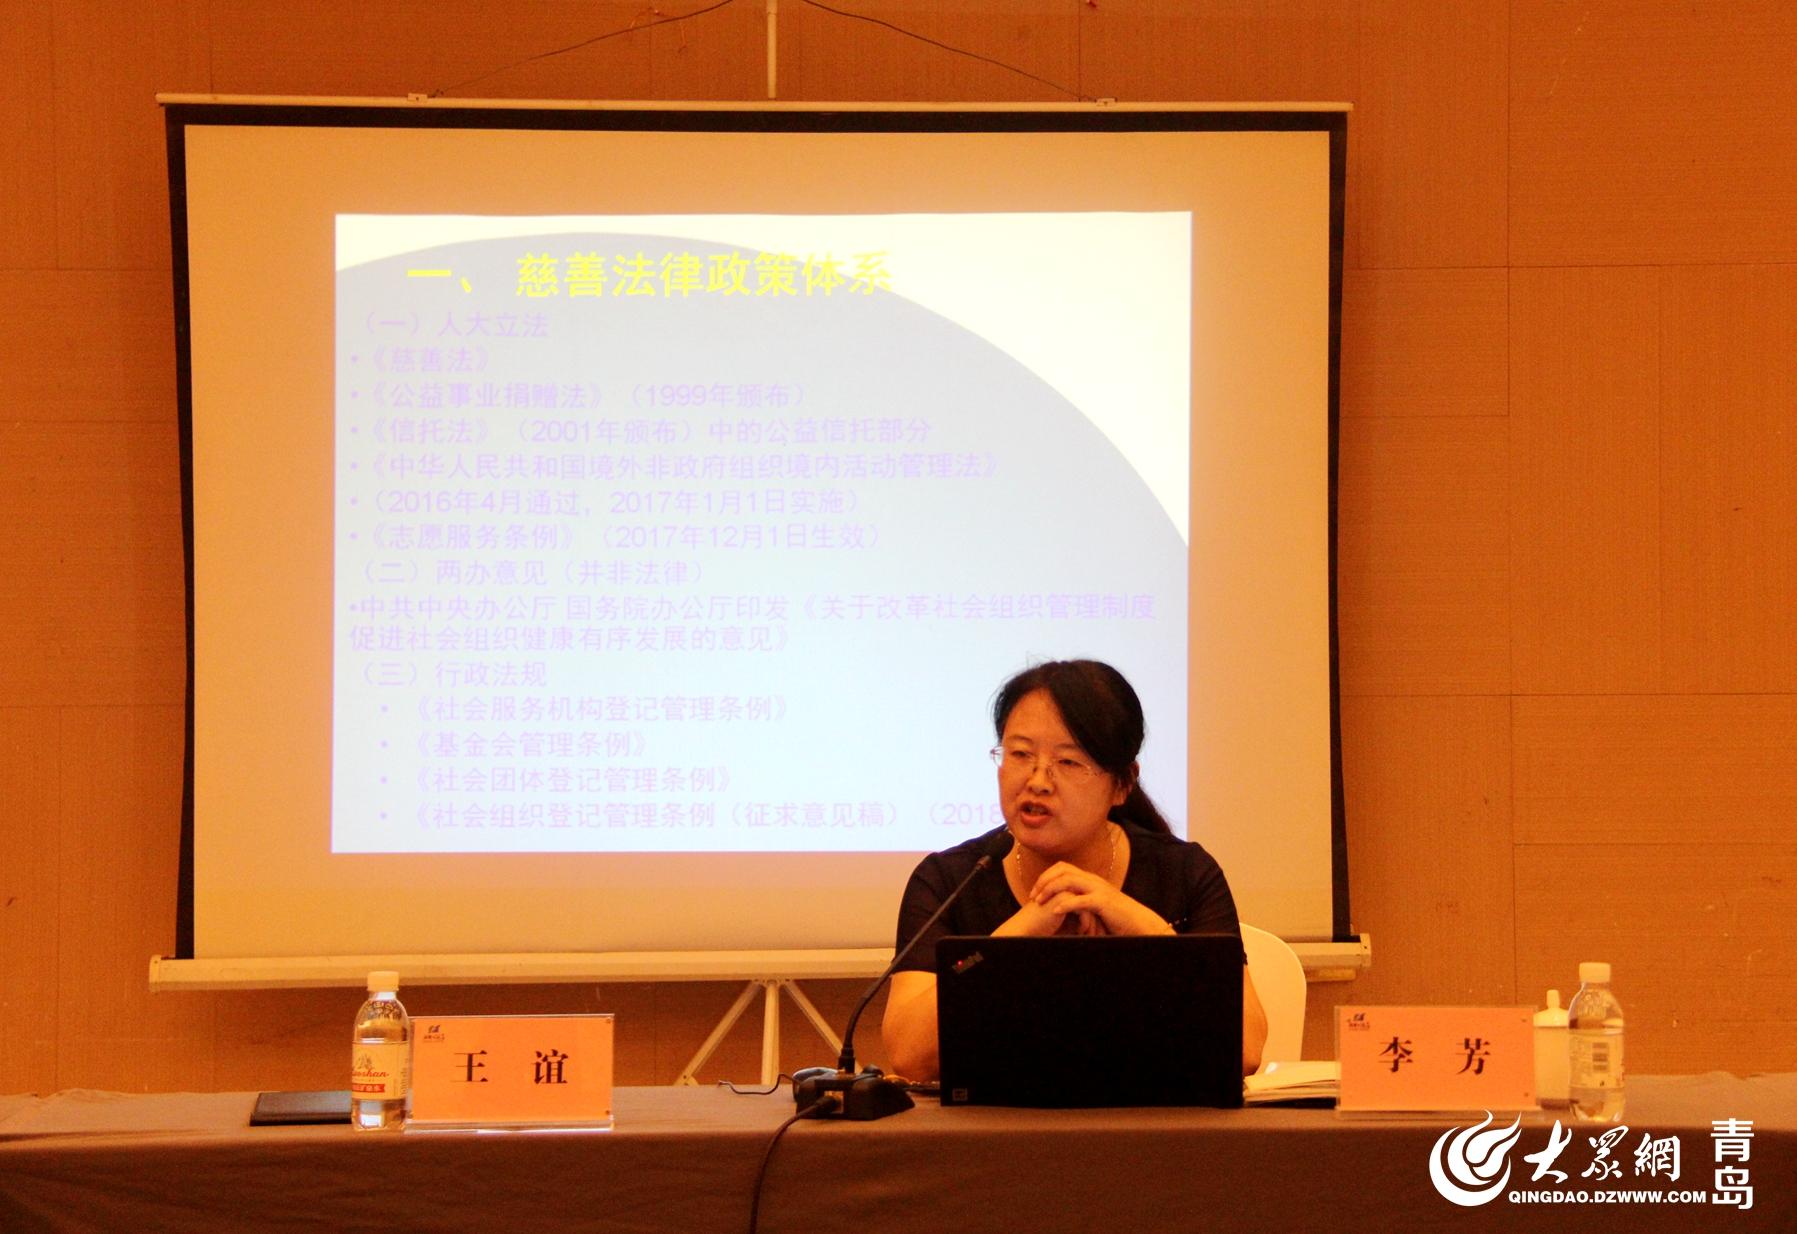 青岛大学法学院副教授李芳进行授课.